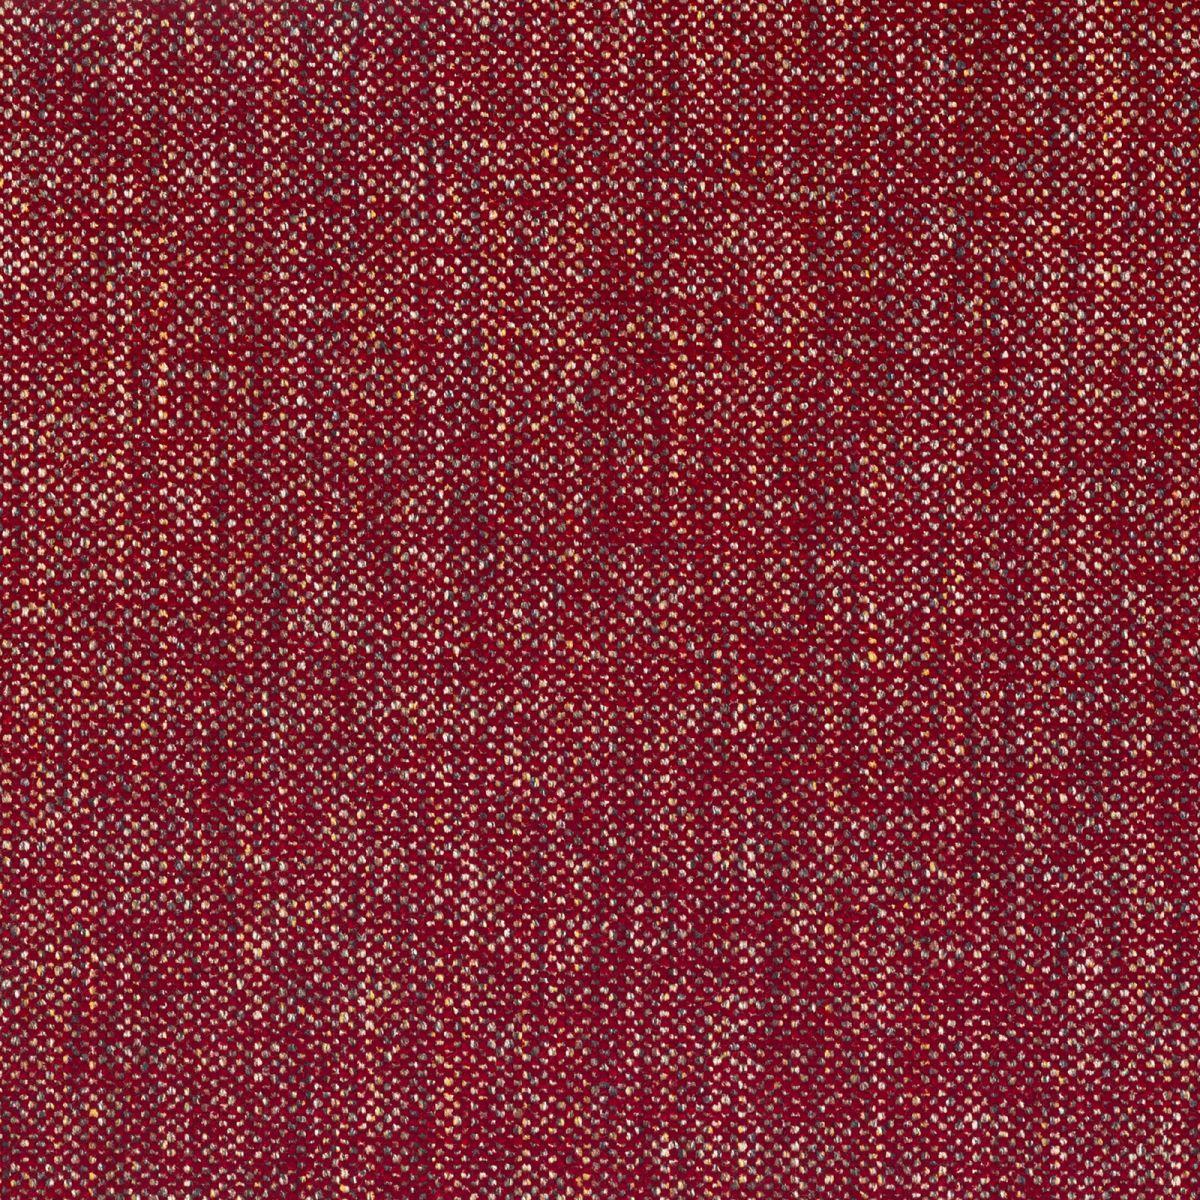 Vintage Upholstery Carnegie Fabrics Carnegie Fabrics Vintage Upholstery Fabric